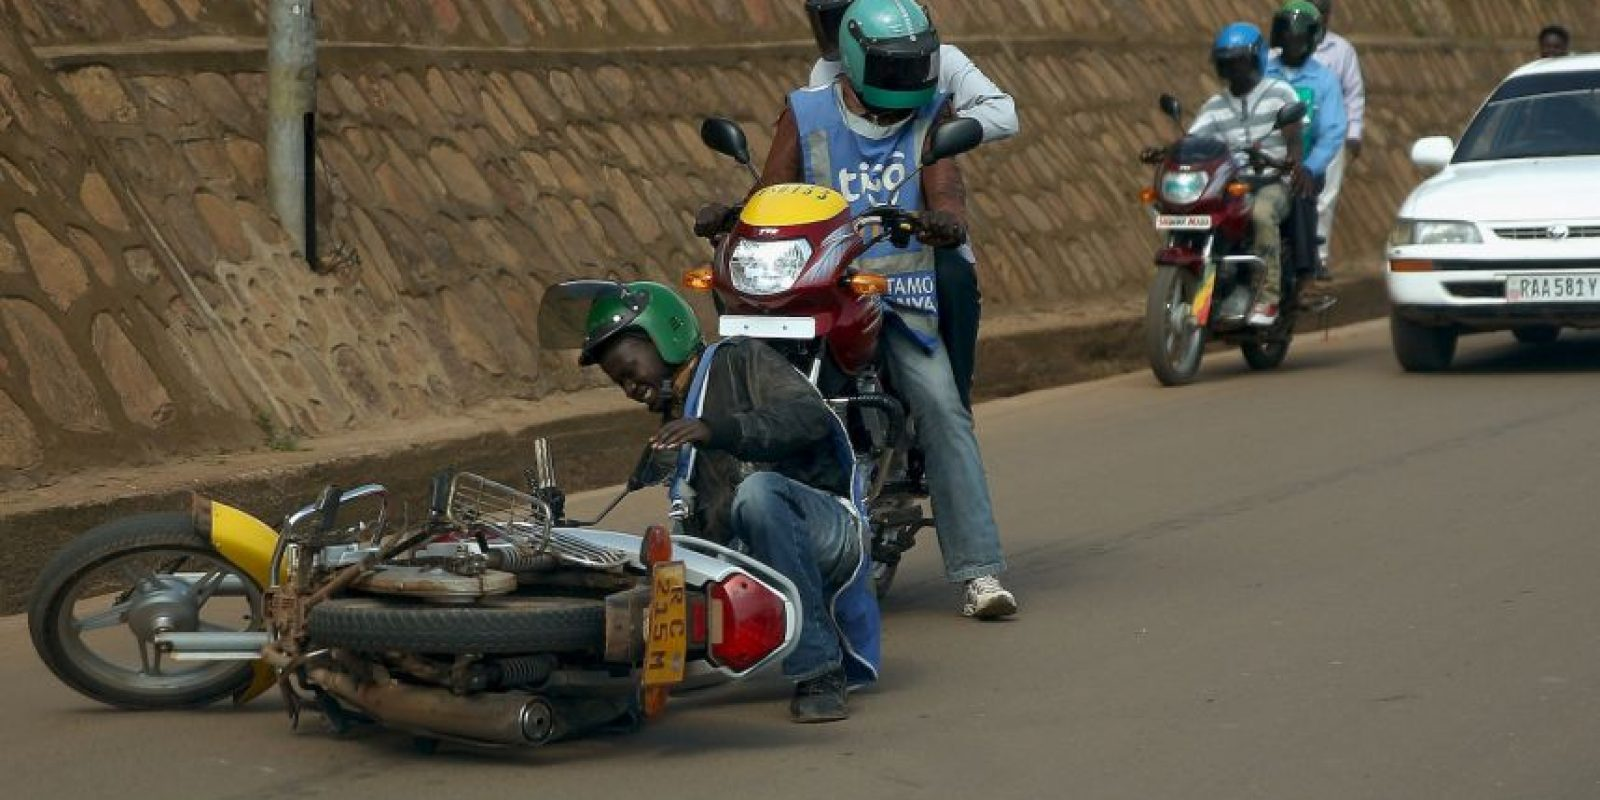 República Dominicana es el país latinoamericano con un de los porcentajes más alto de víctimas usan motos. Foto:Getty Images